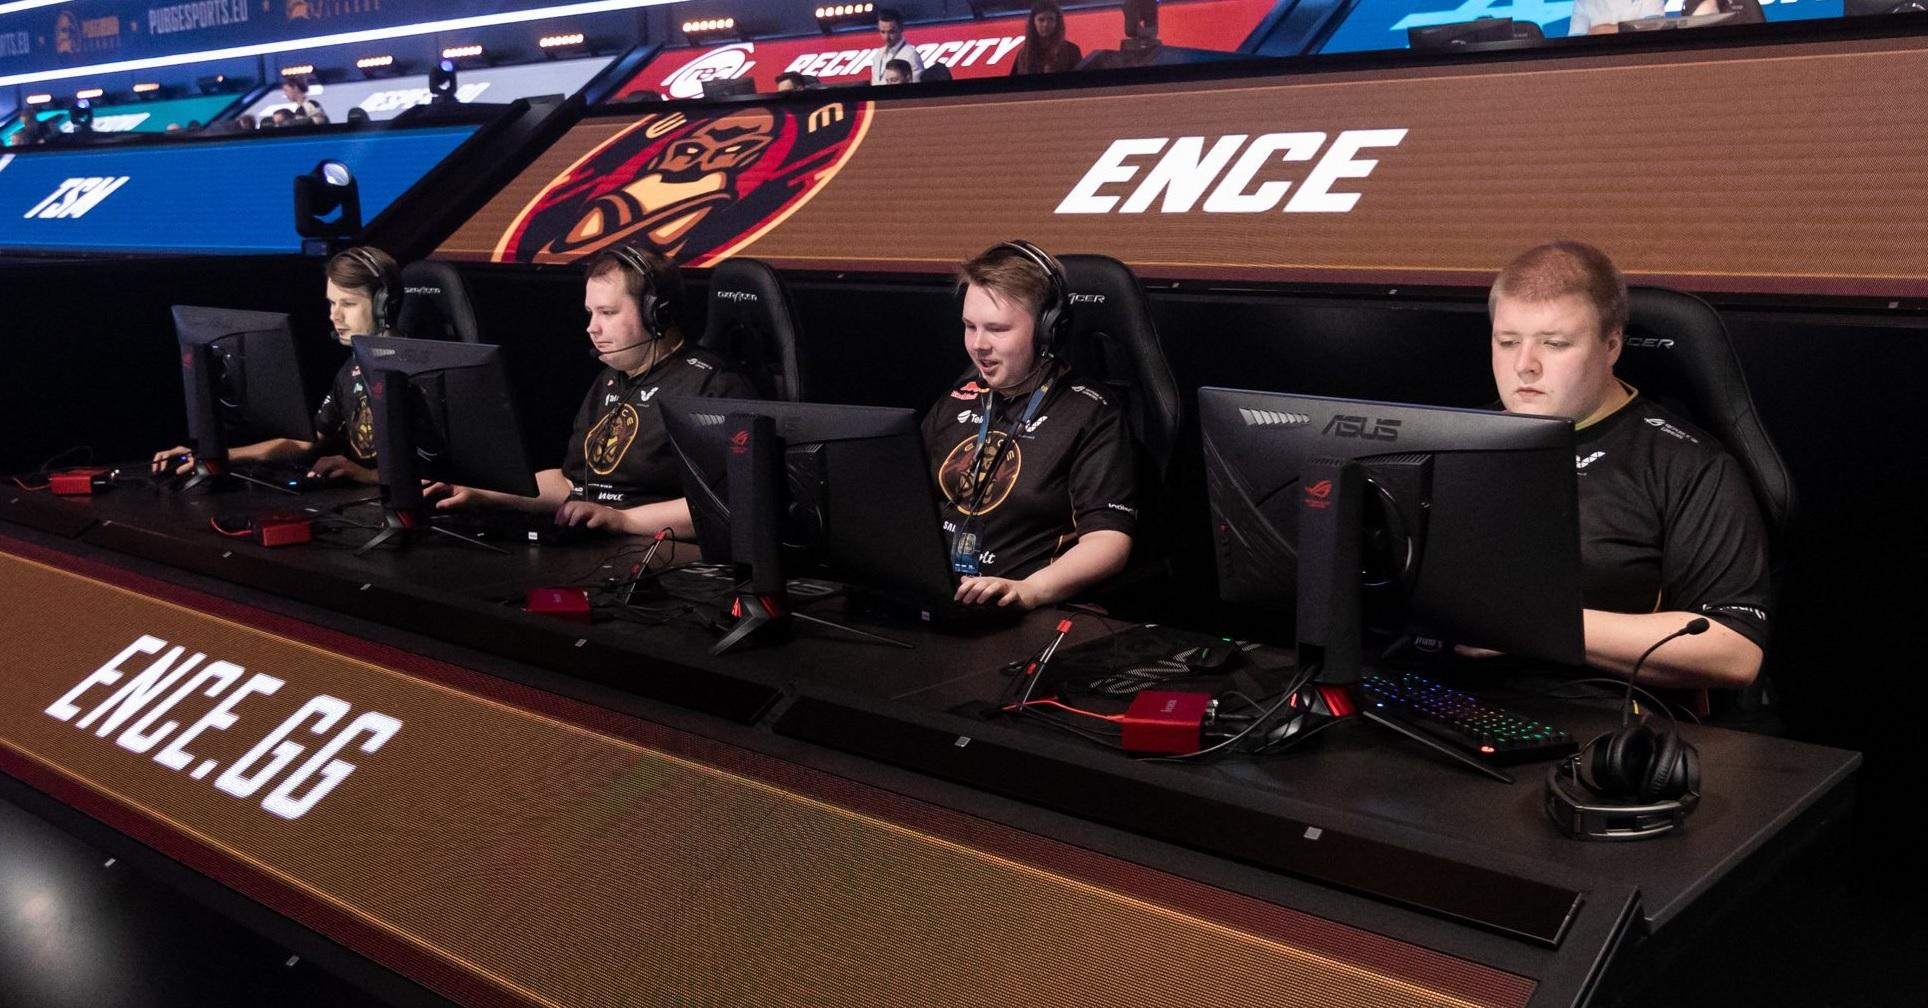 ENCE on palannut! – Varmistivat turnausvoitolla paikan PUBGin Eurooppa-liigasta